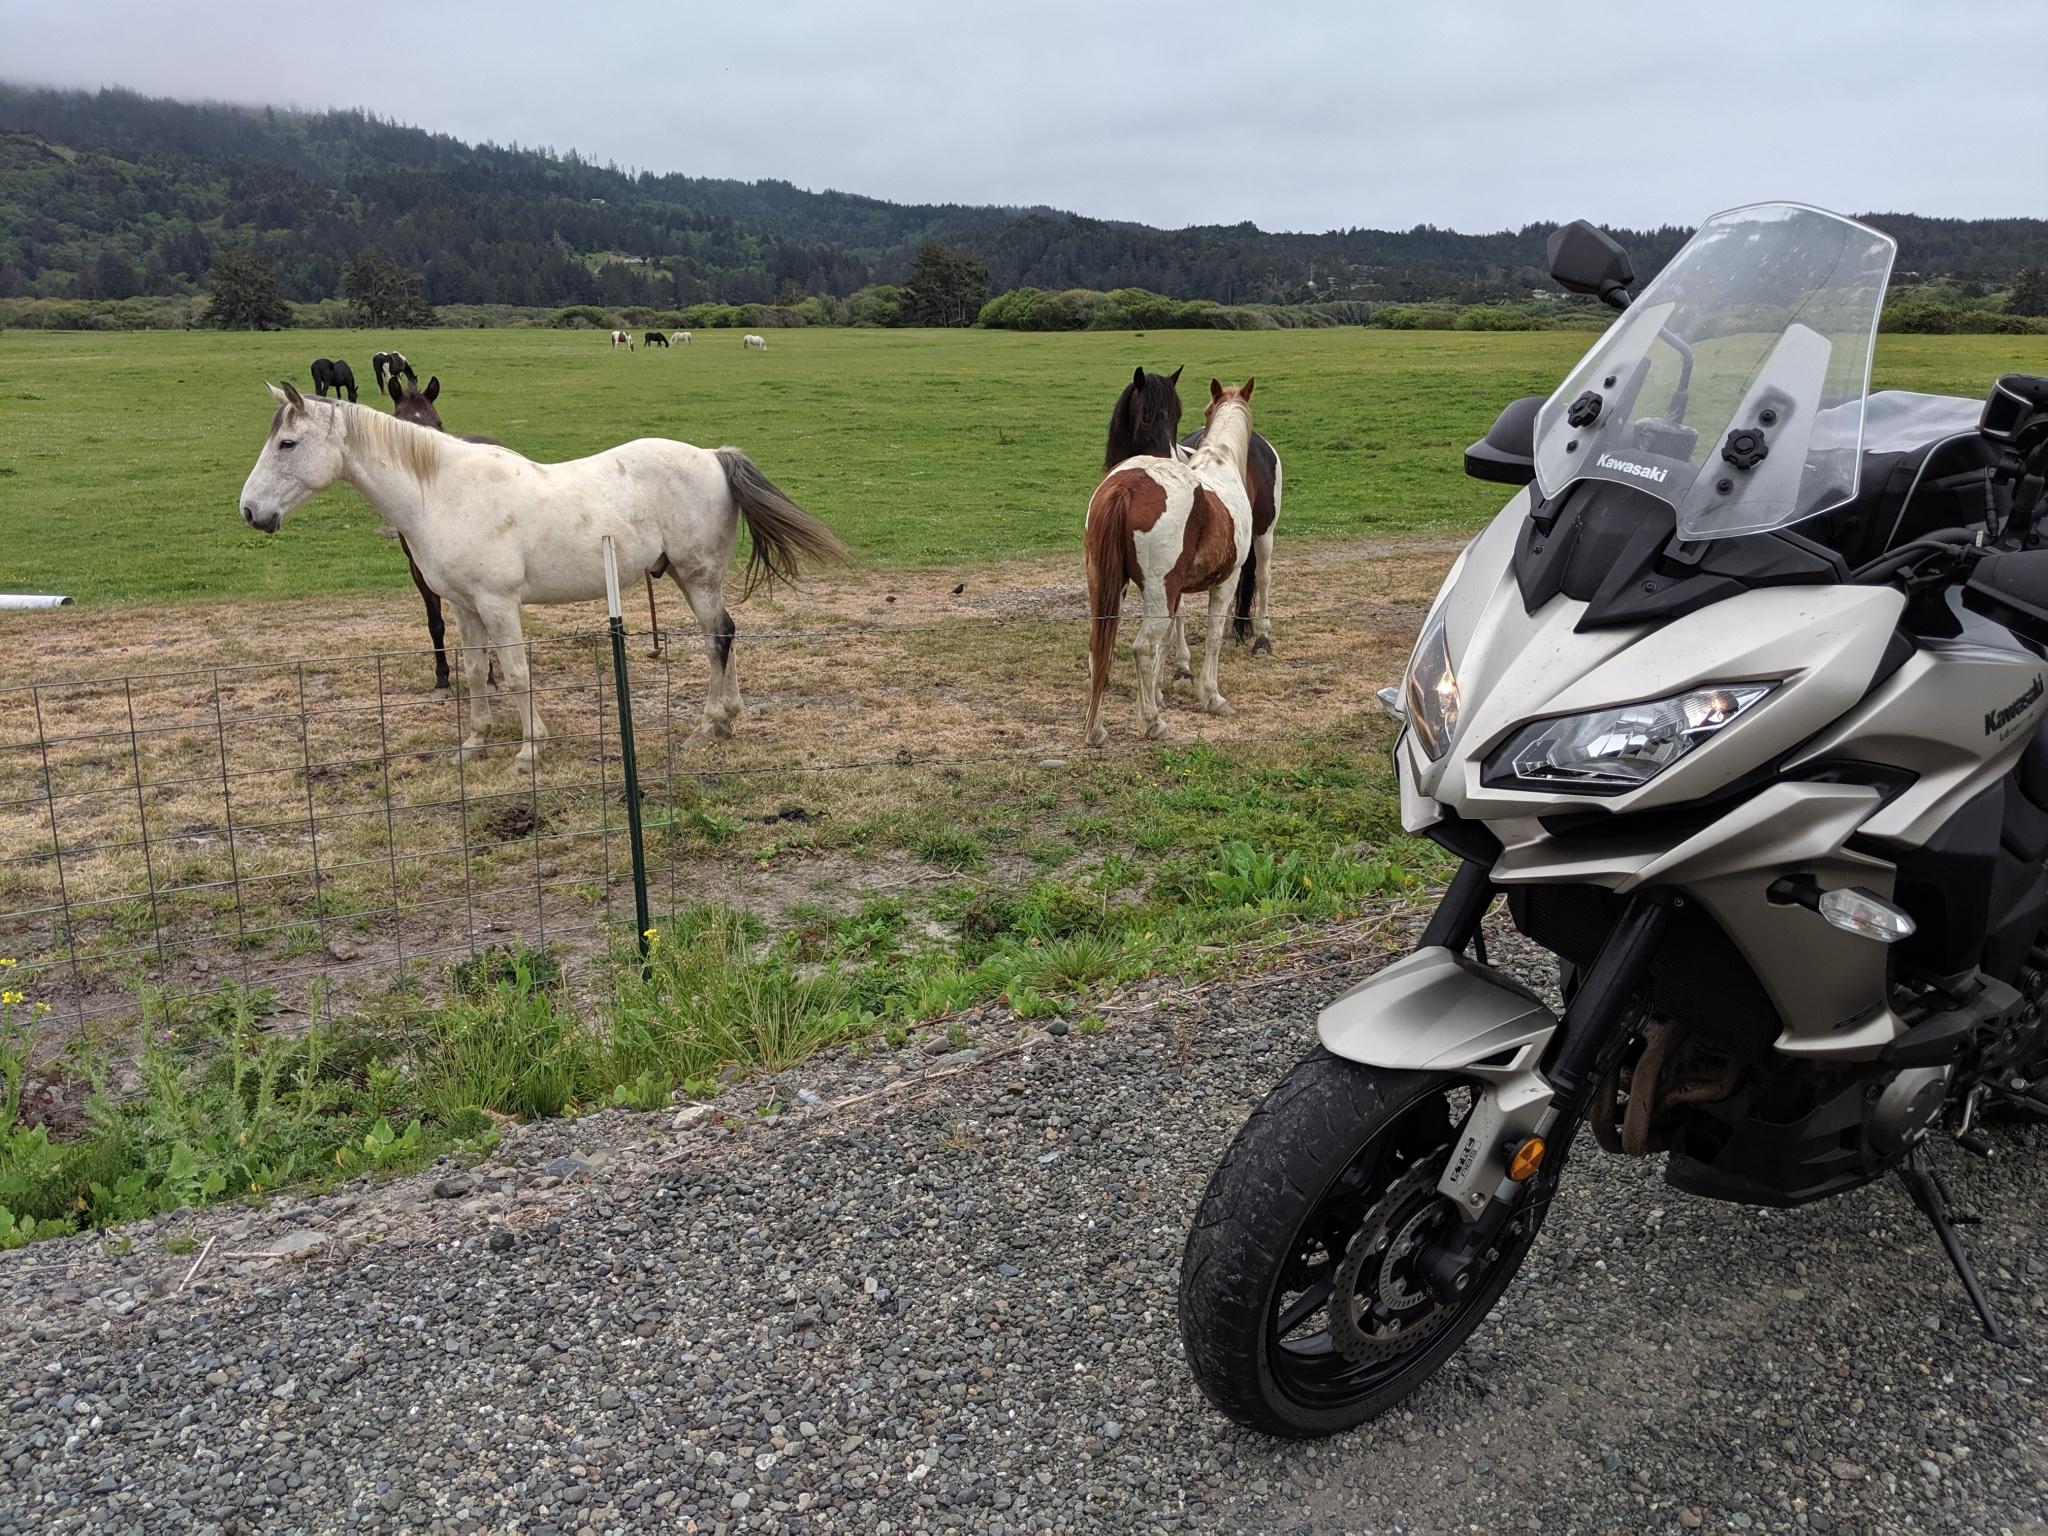 Cavalli al pascolo a Pistol River osservano incuriositi la kawasaki Versys. Pistol River è uno dei primi villaggi che si incontrano lungo la Highway 101 entrando in Oregon dalla California.